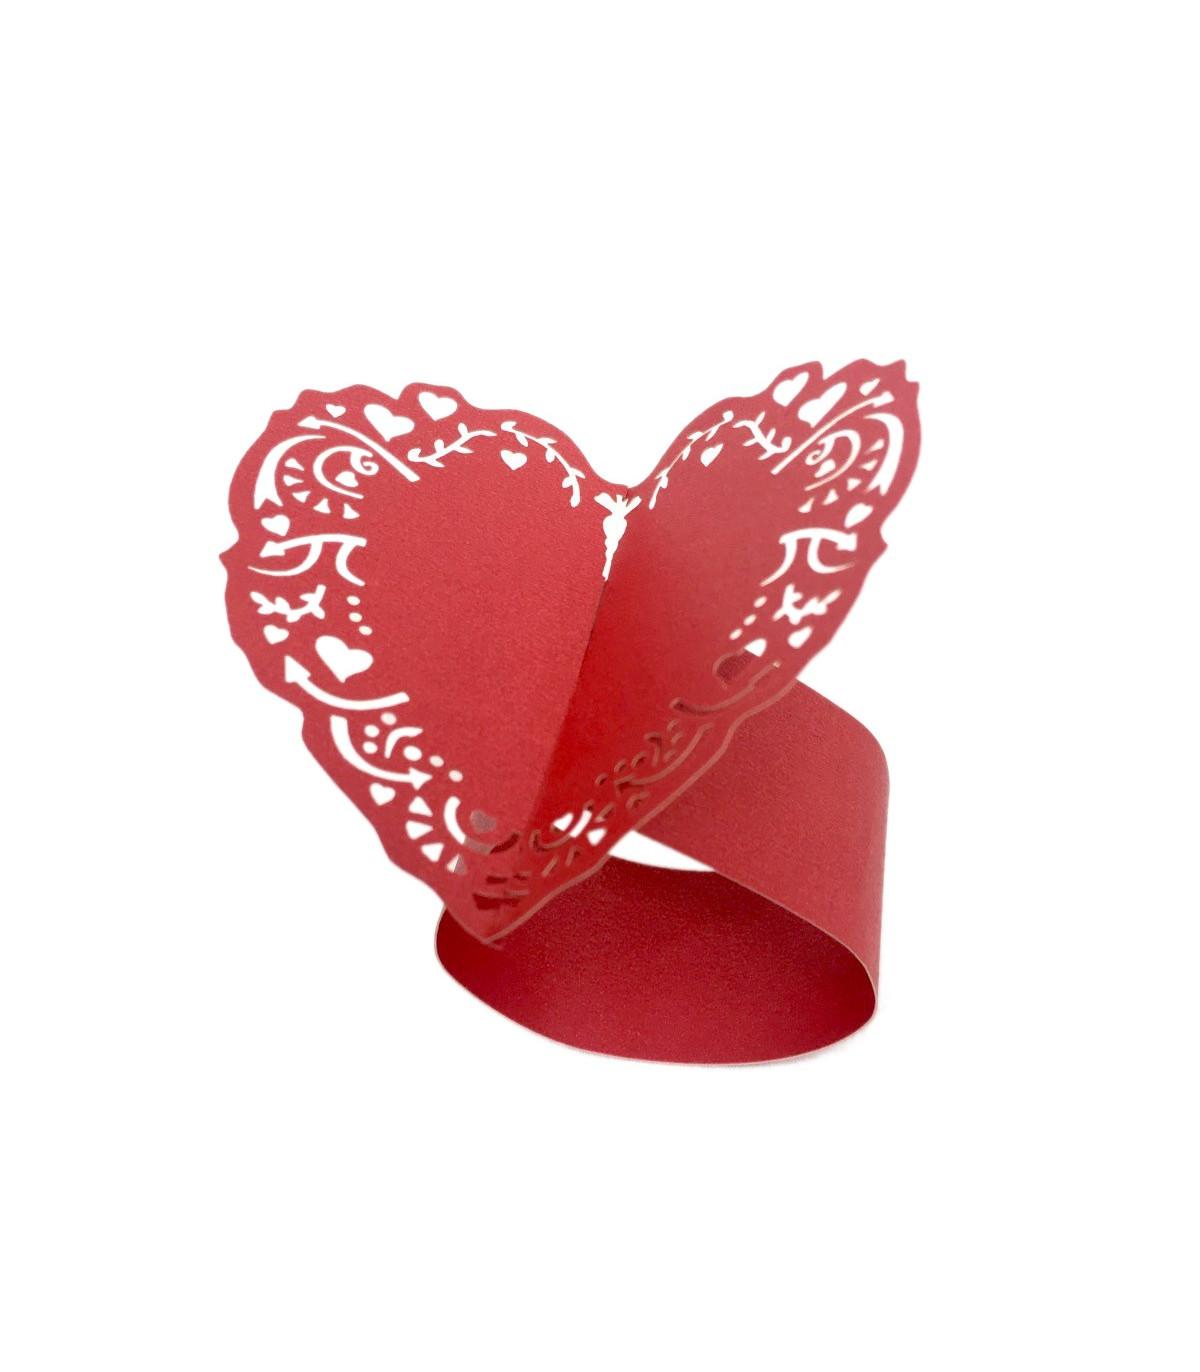 Diy Rond De Serviette rond de serviette mariage,baptême coeur rouge couleur rouge